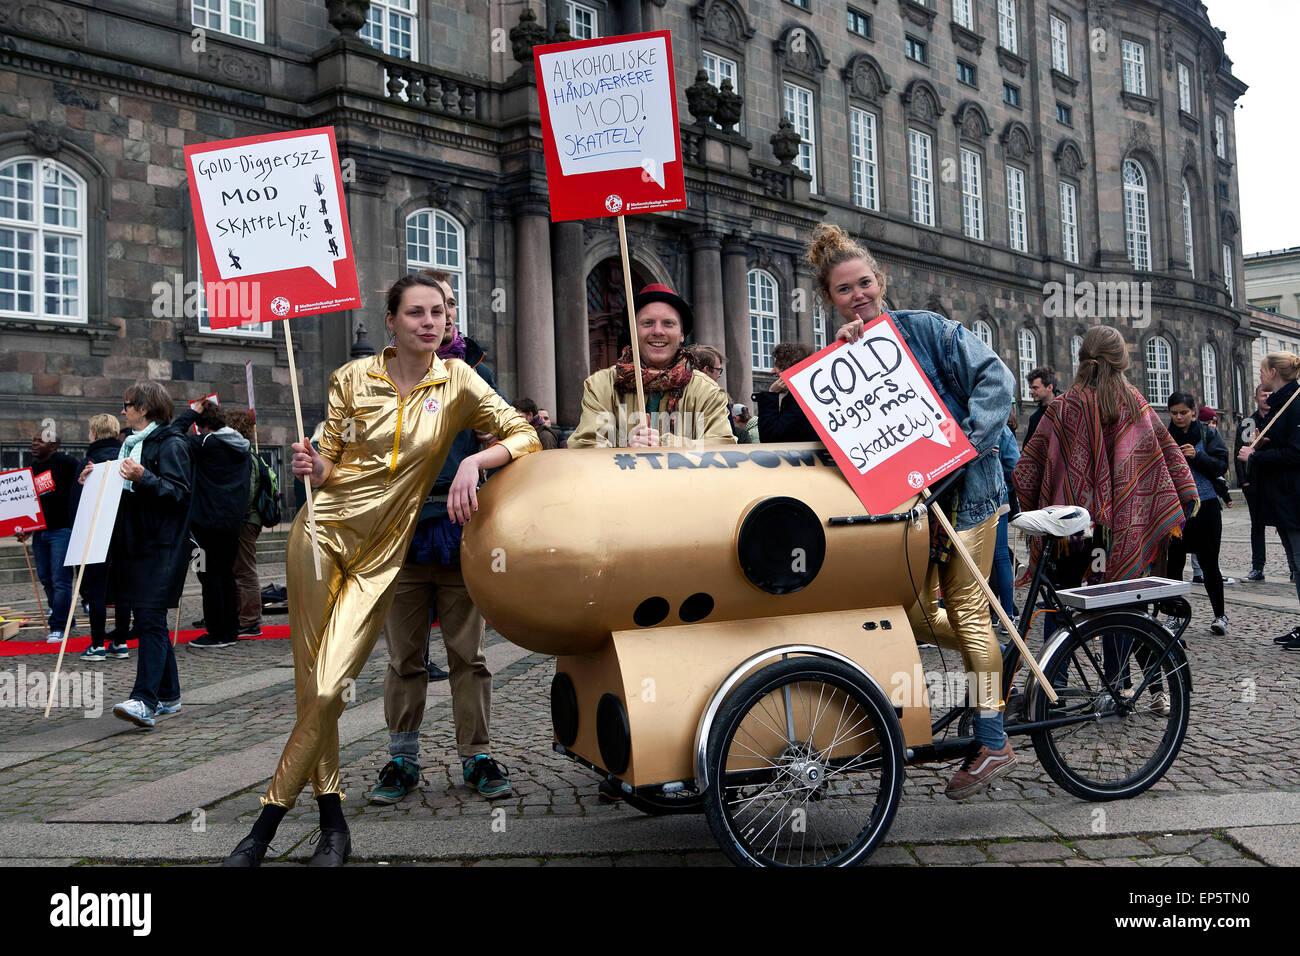 Copenhague, Dinamarca, del 13 de mayo de 2015: Además de los buscadores de oro son contra la evasión fiscal Imagen De Stock